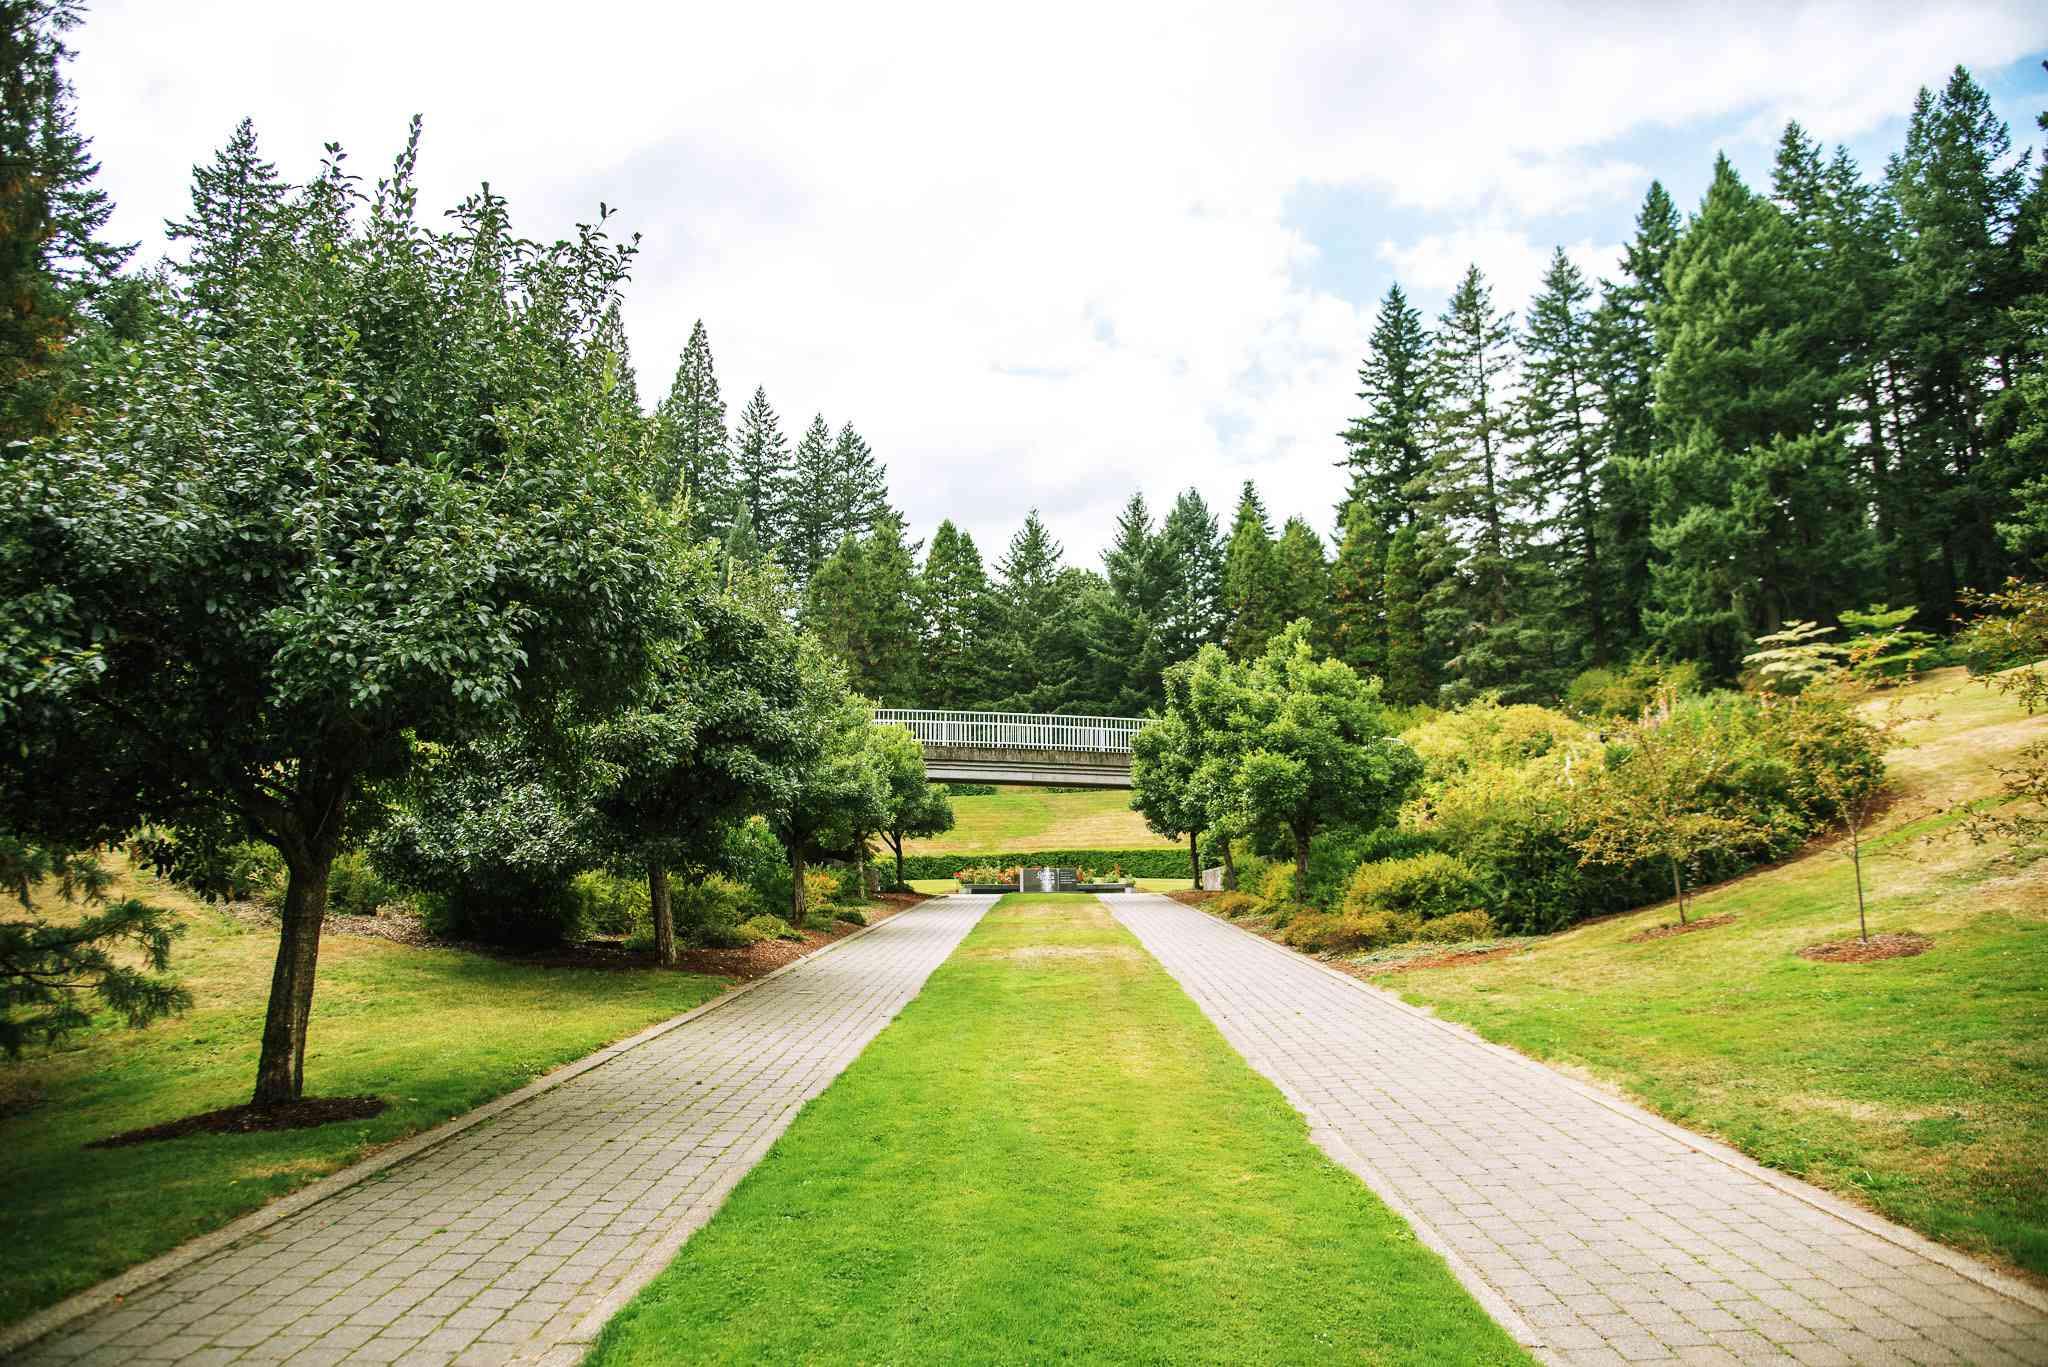 Dos caminos paralelos en el Arboreto de Hoyt con árboles a ambos lados y árboles en el fondo